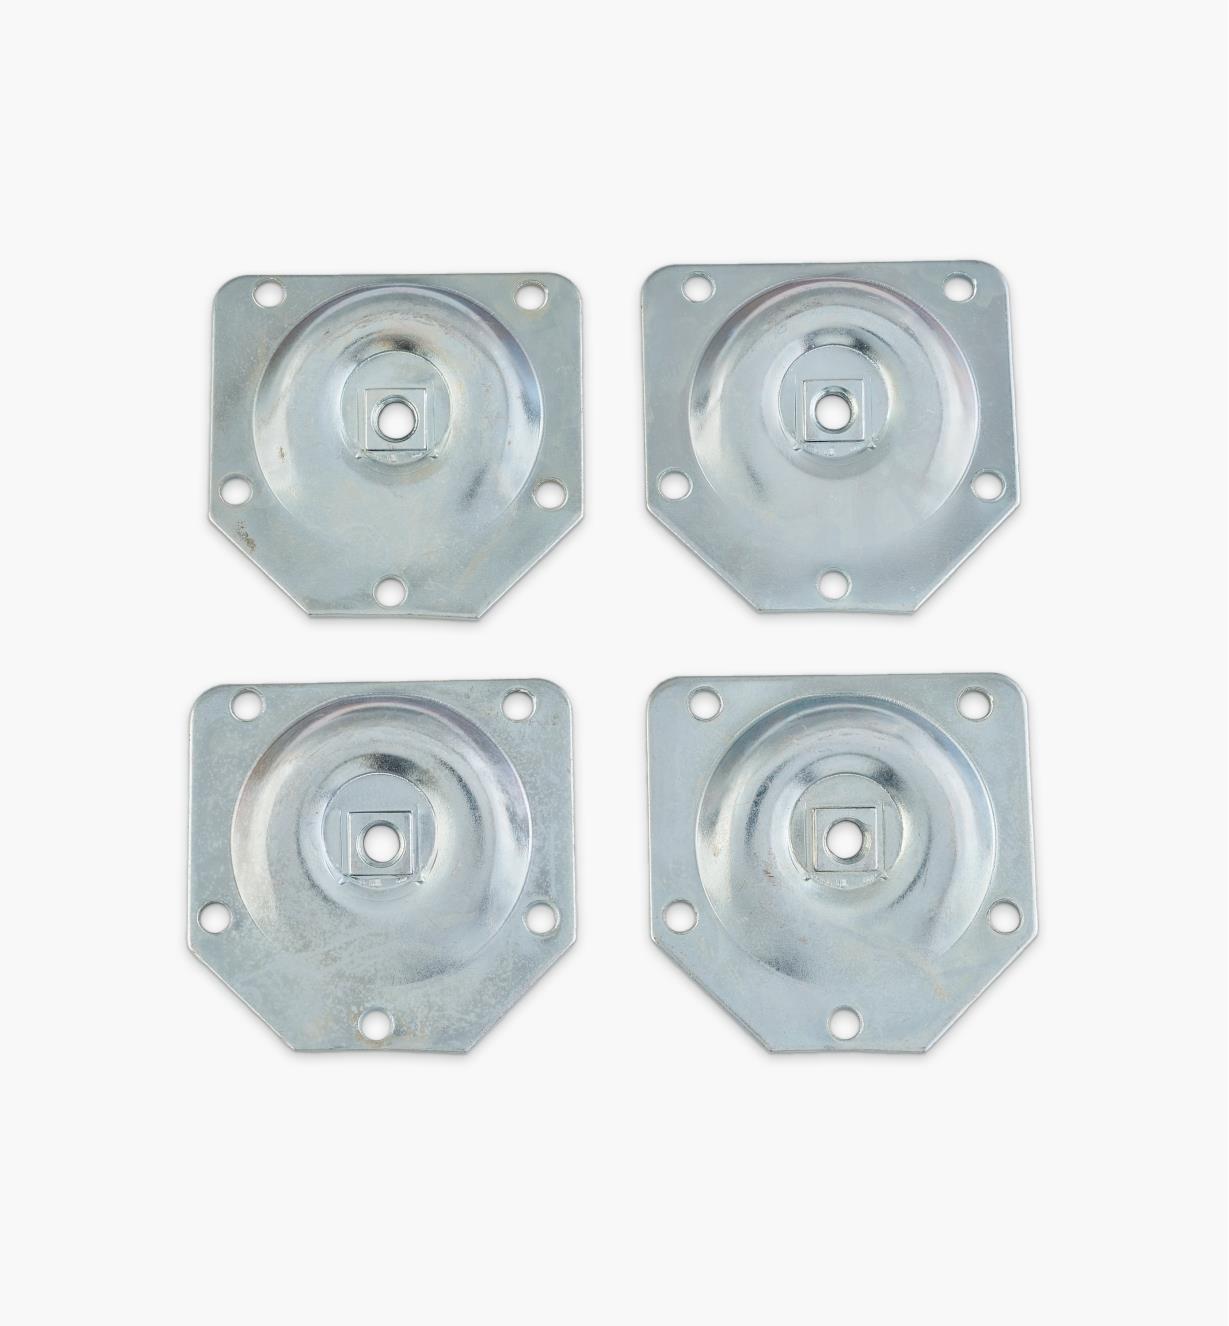 00H3380 - Angled Leg Plates, pkg. of 4